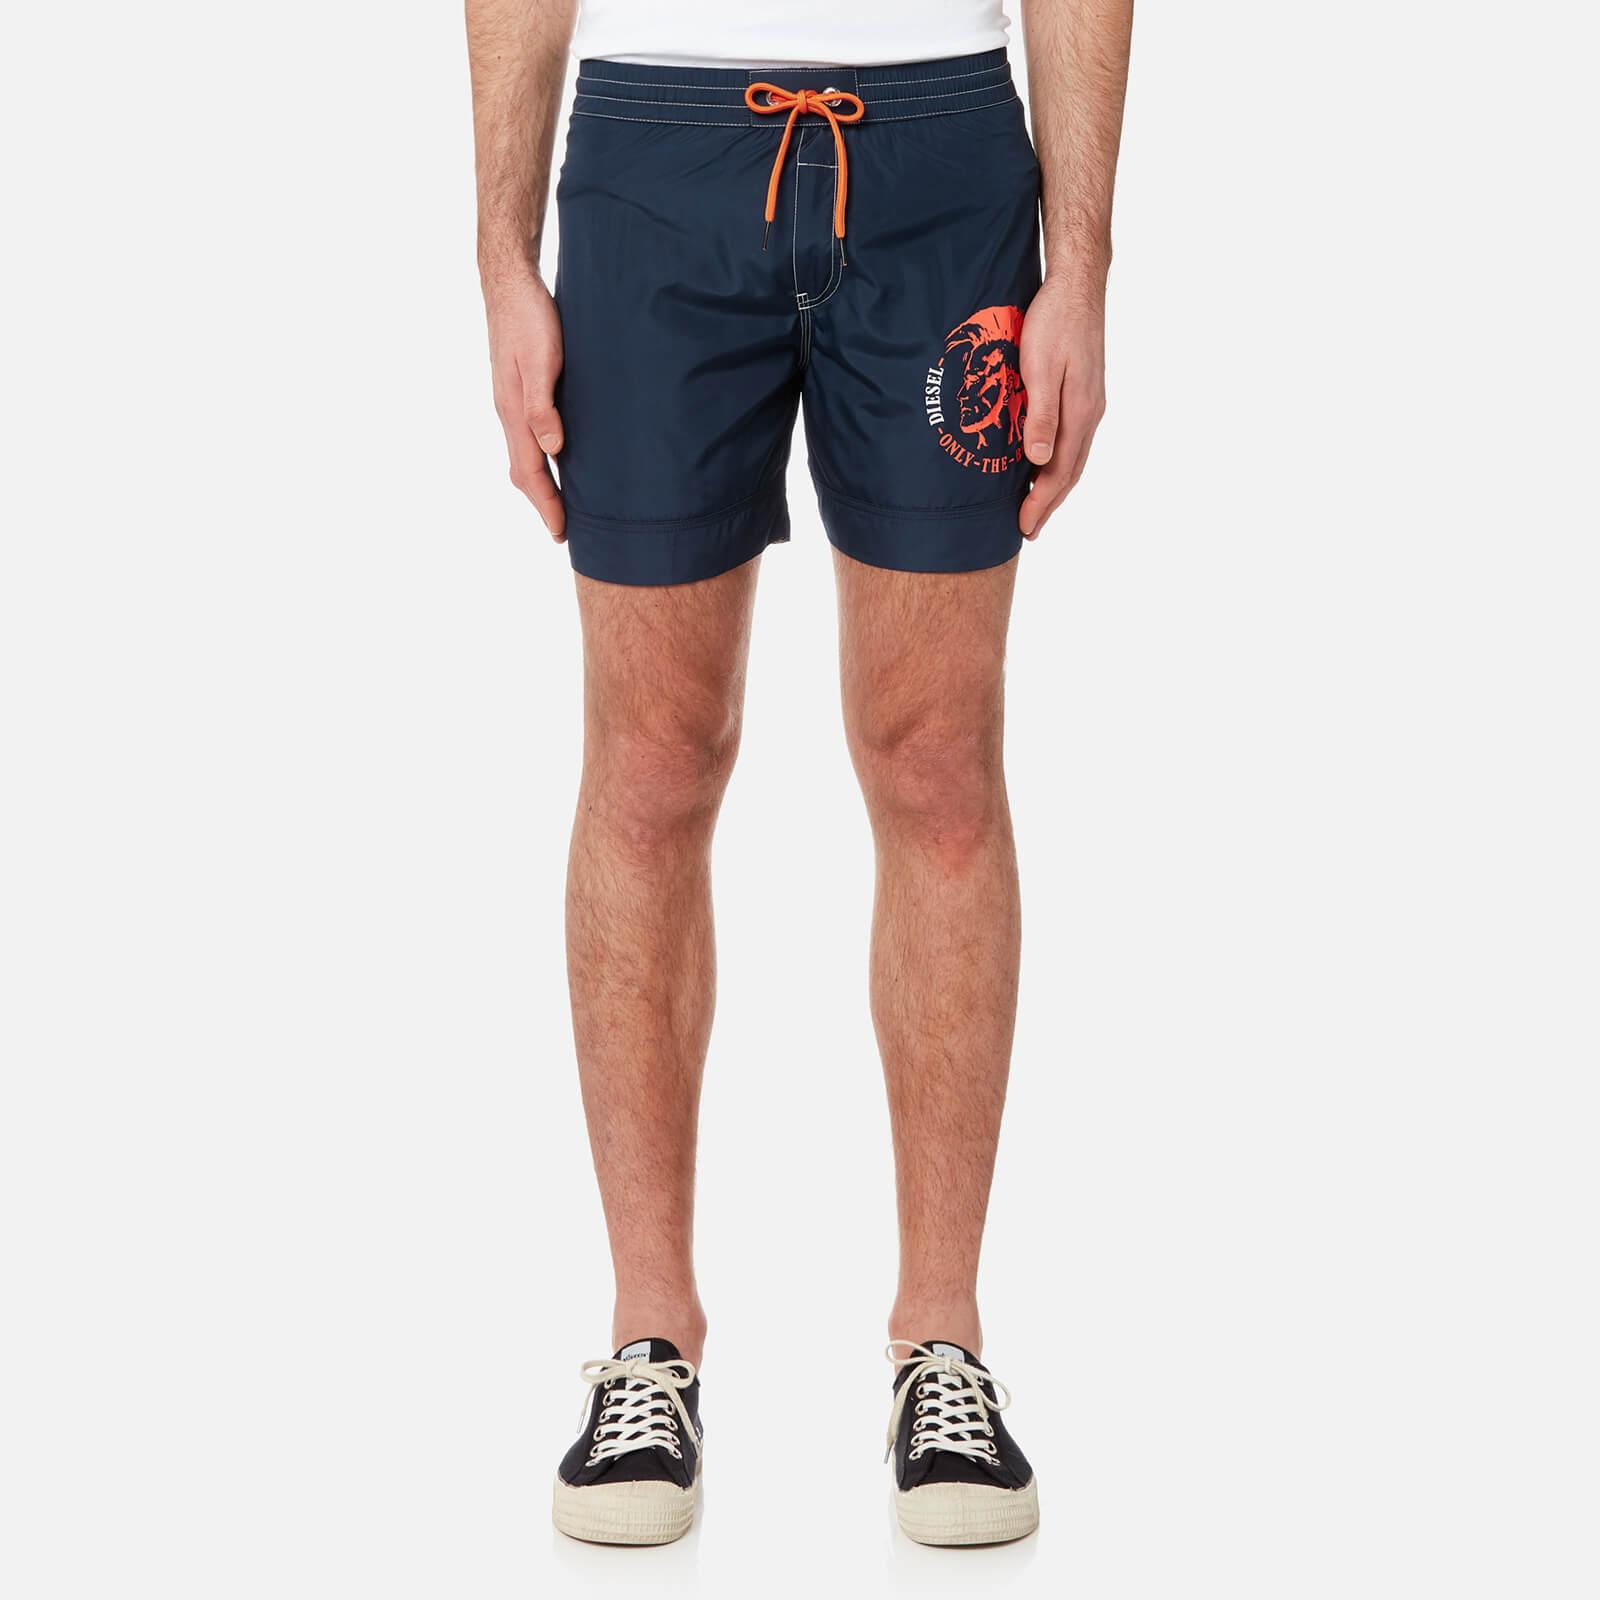 5198ee3951 Diesel Men's Wave Basic Swim Shorts - Navy Mens Underwear   TheHut.com